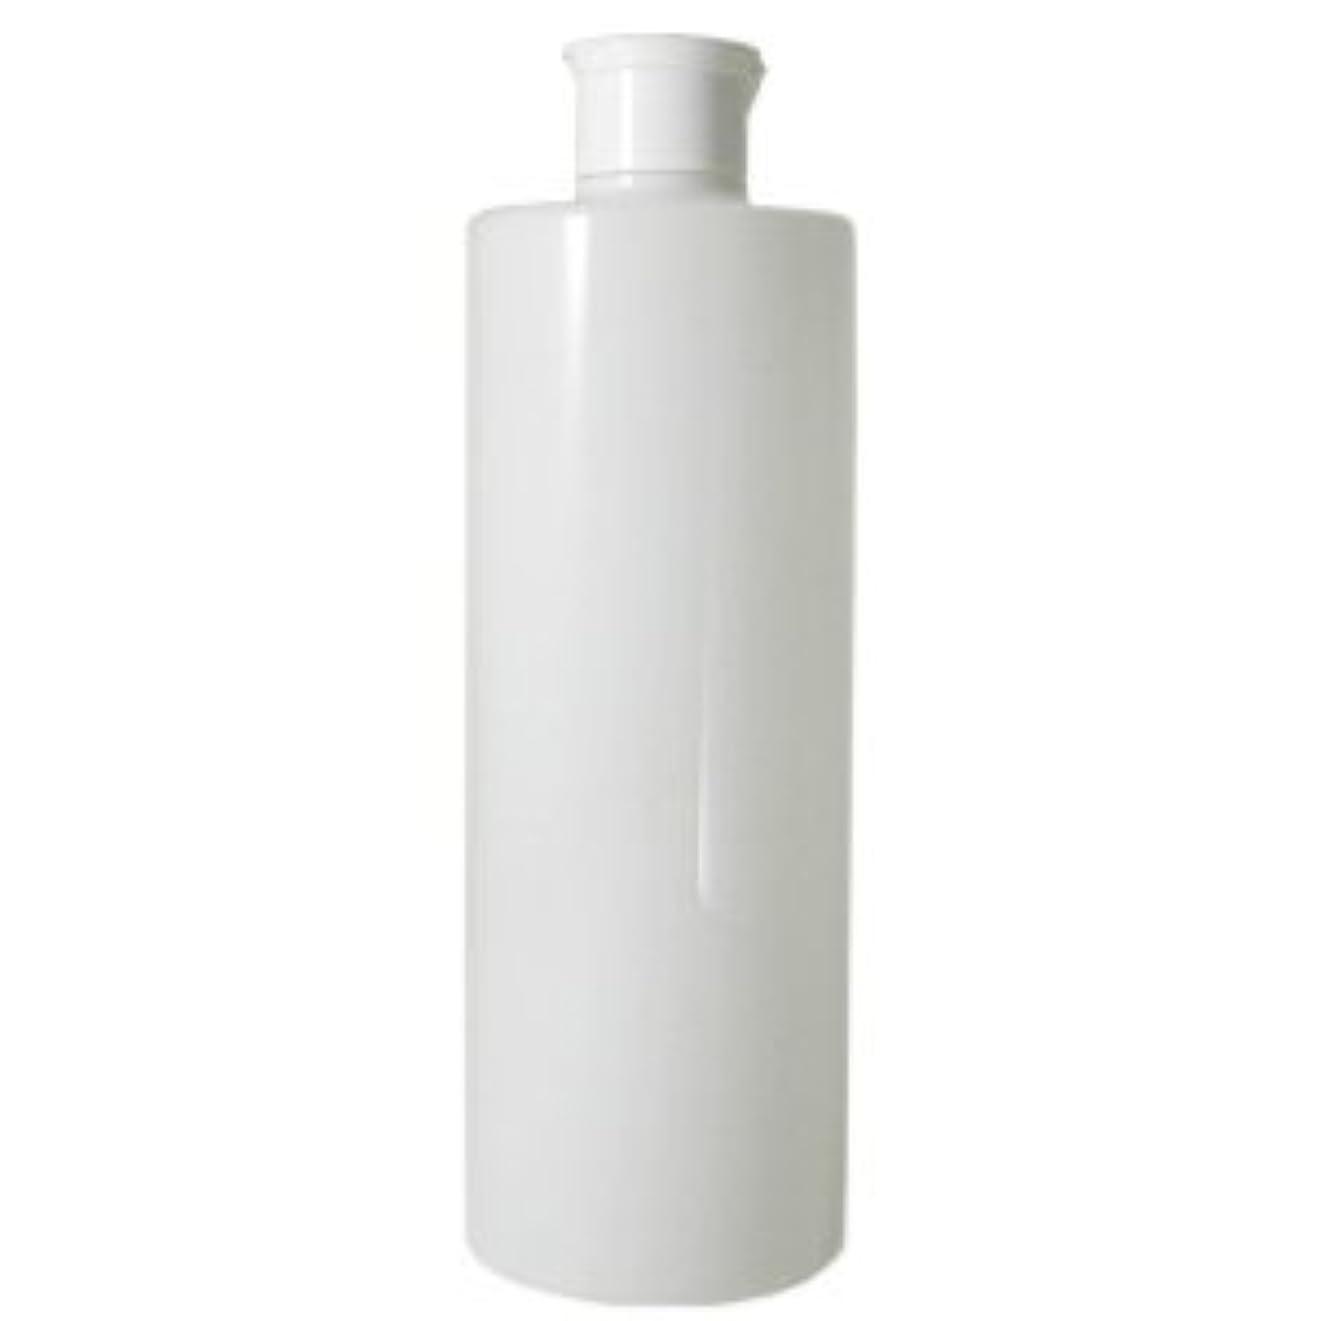 セージ十二ティーンエイジャーワンタッチキャップ 乳白半透明容器 500ml